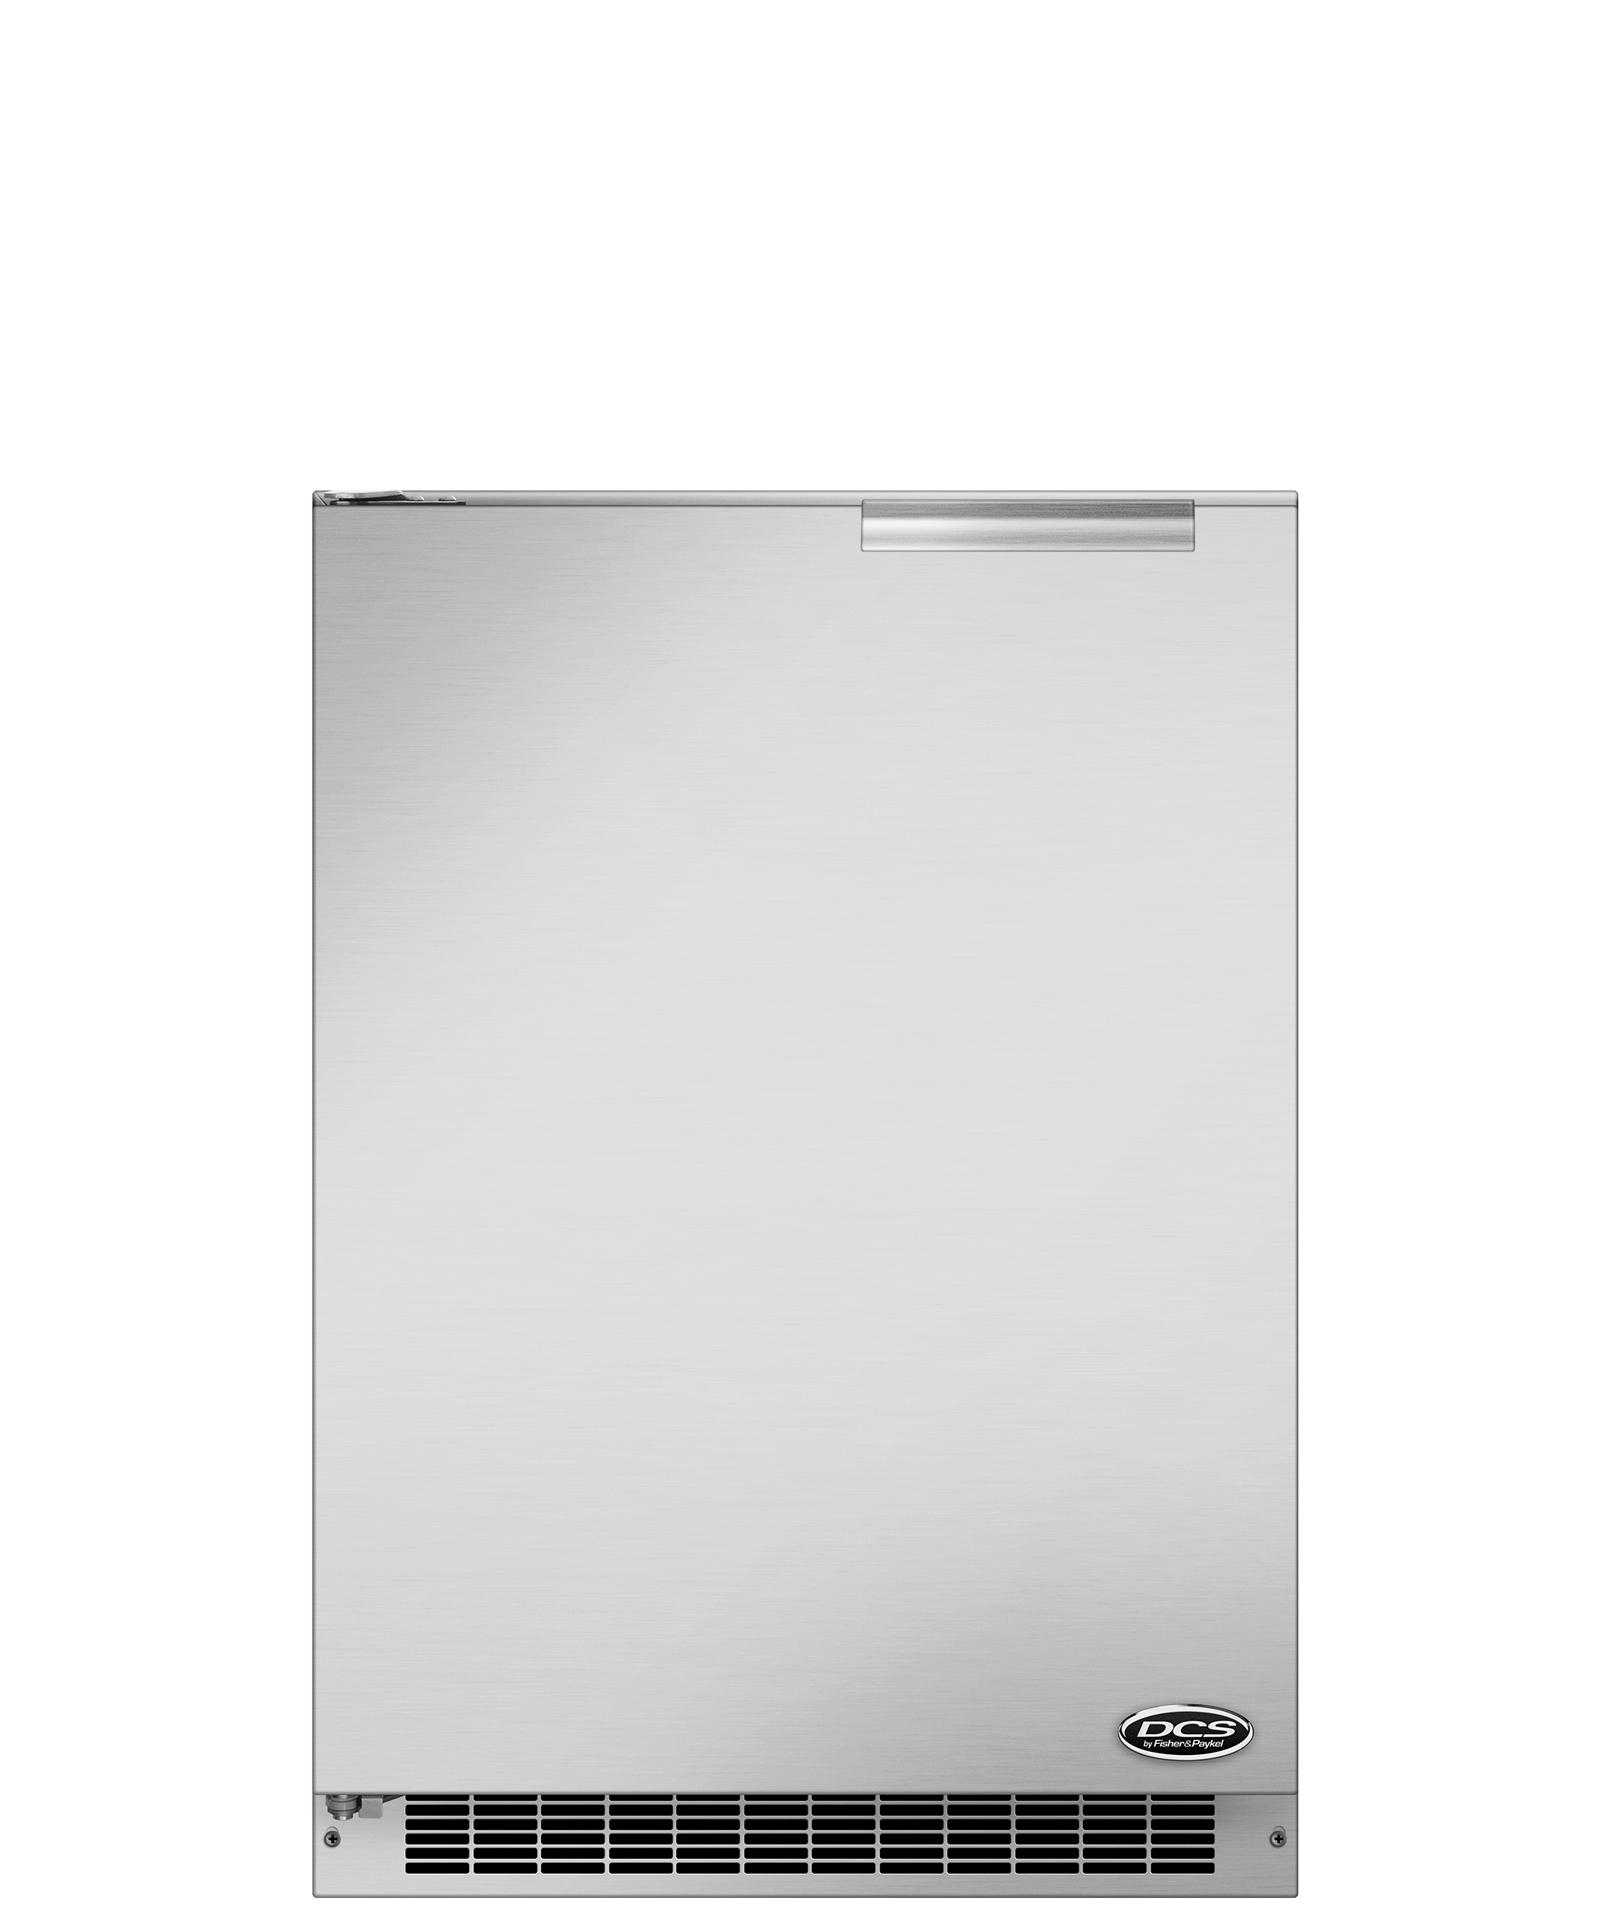 """DCS 24"""" Outdoor Refrigerator, Left Hinge"""